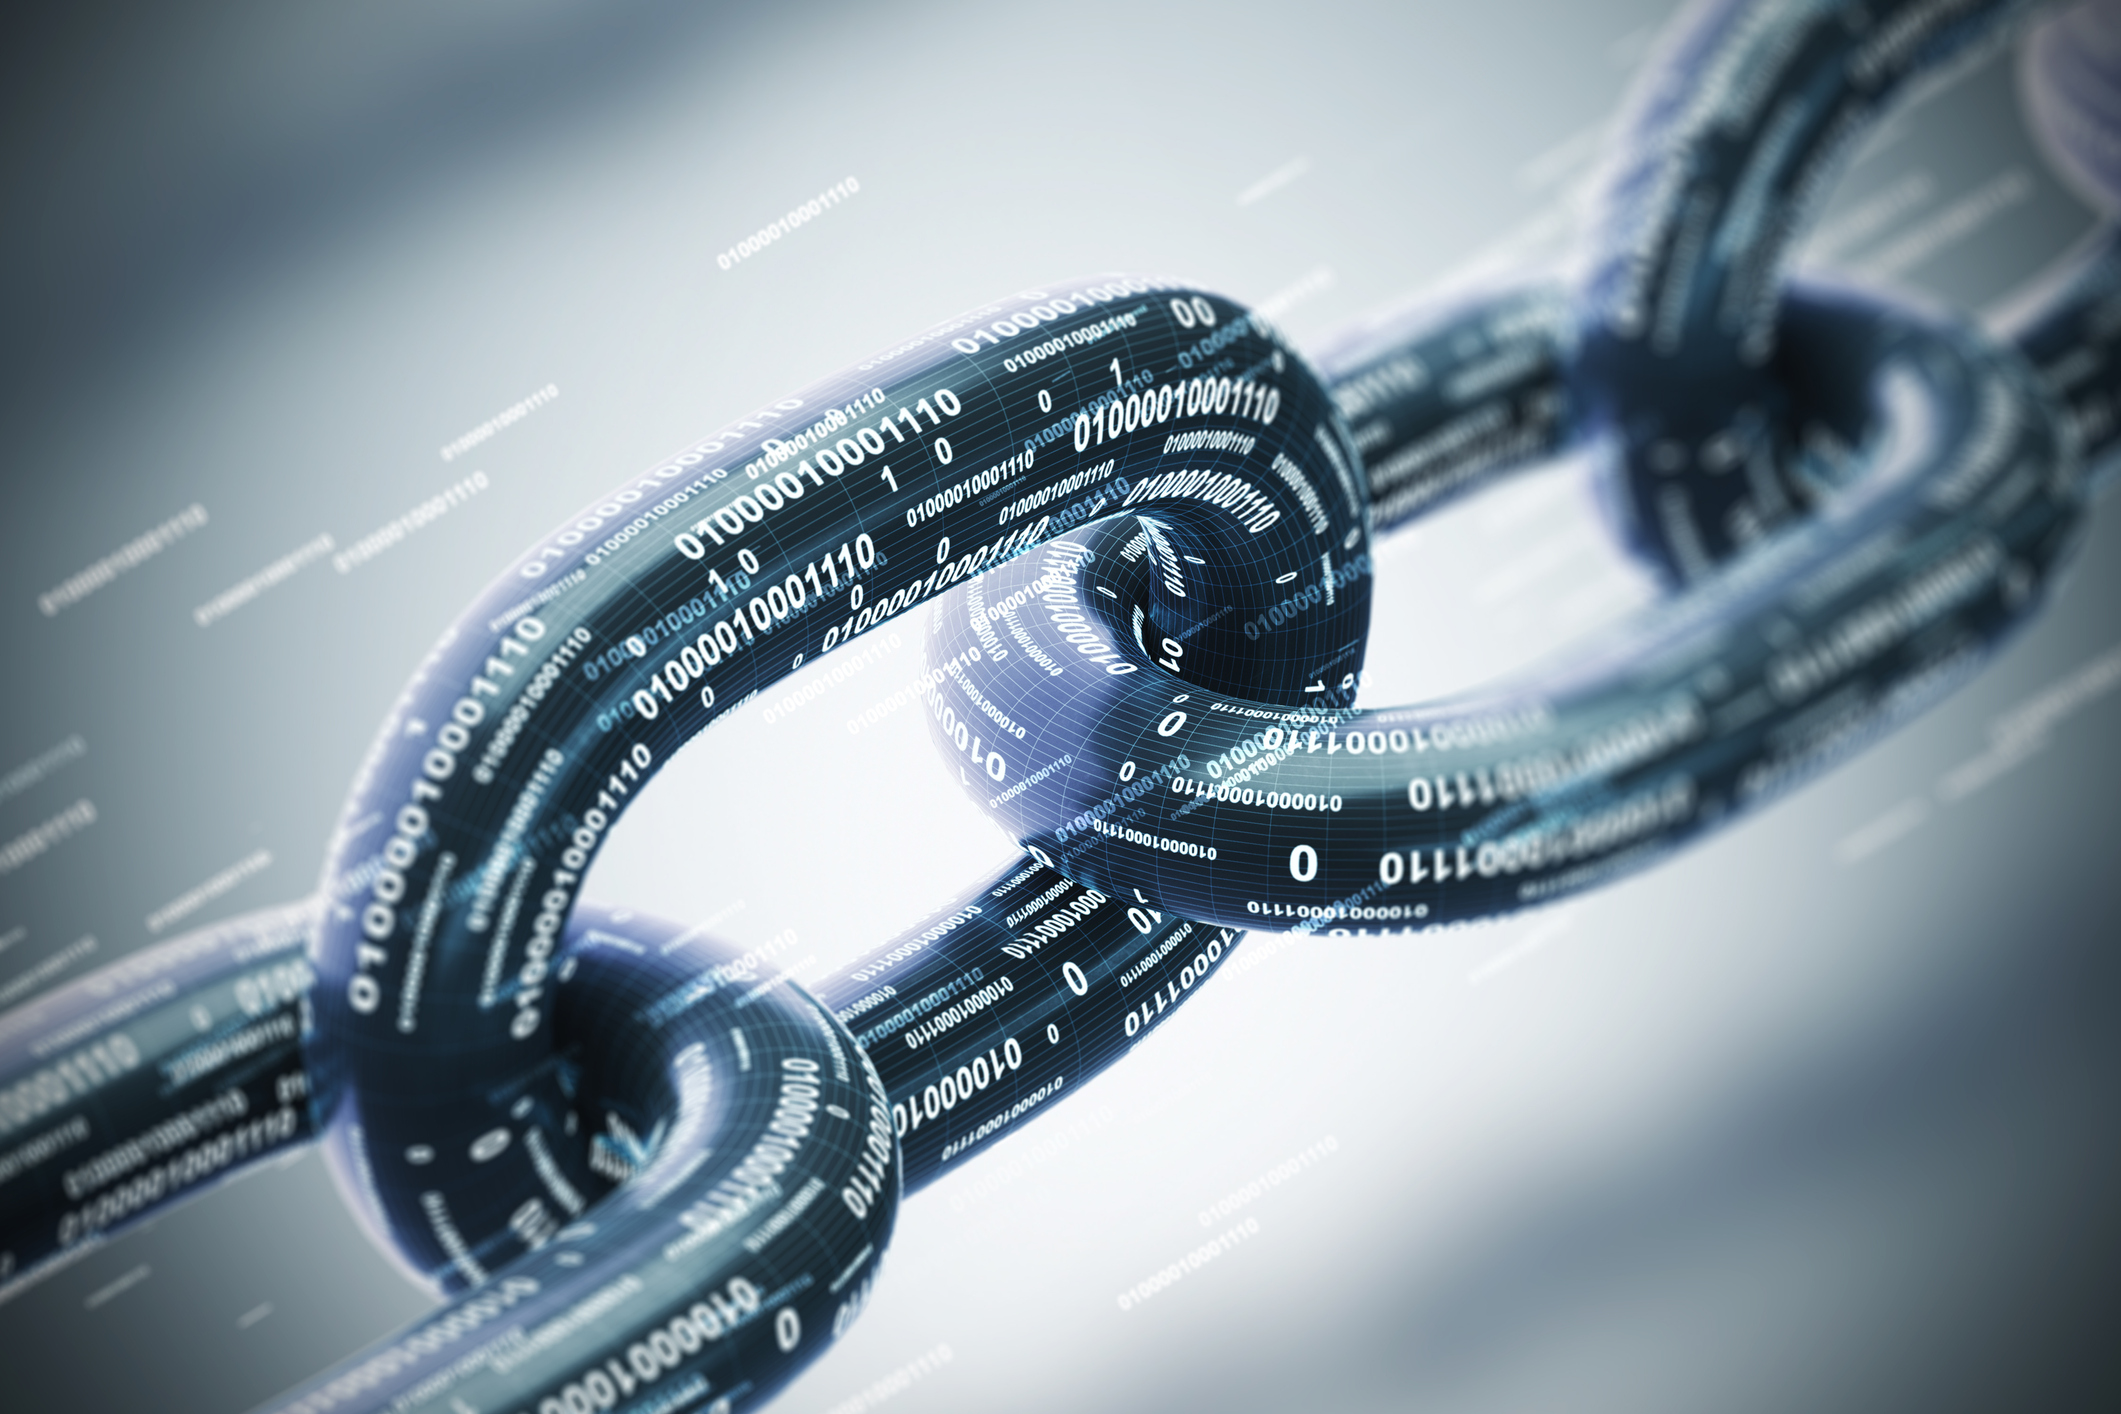 Un nou serviciu pentru proiectele blockchain din companii